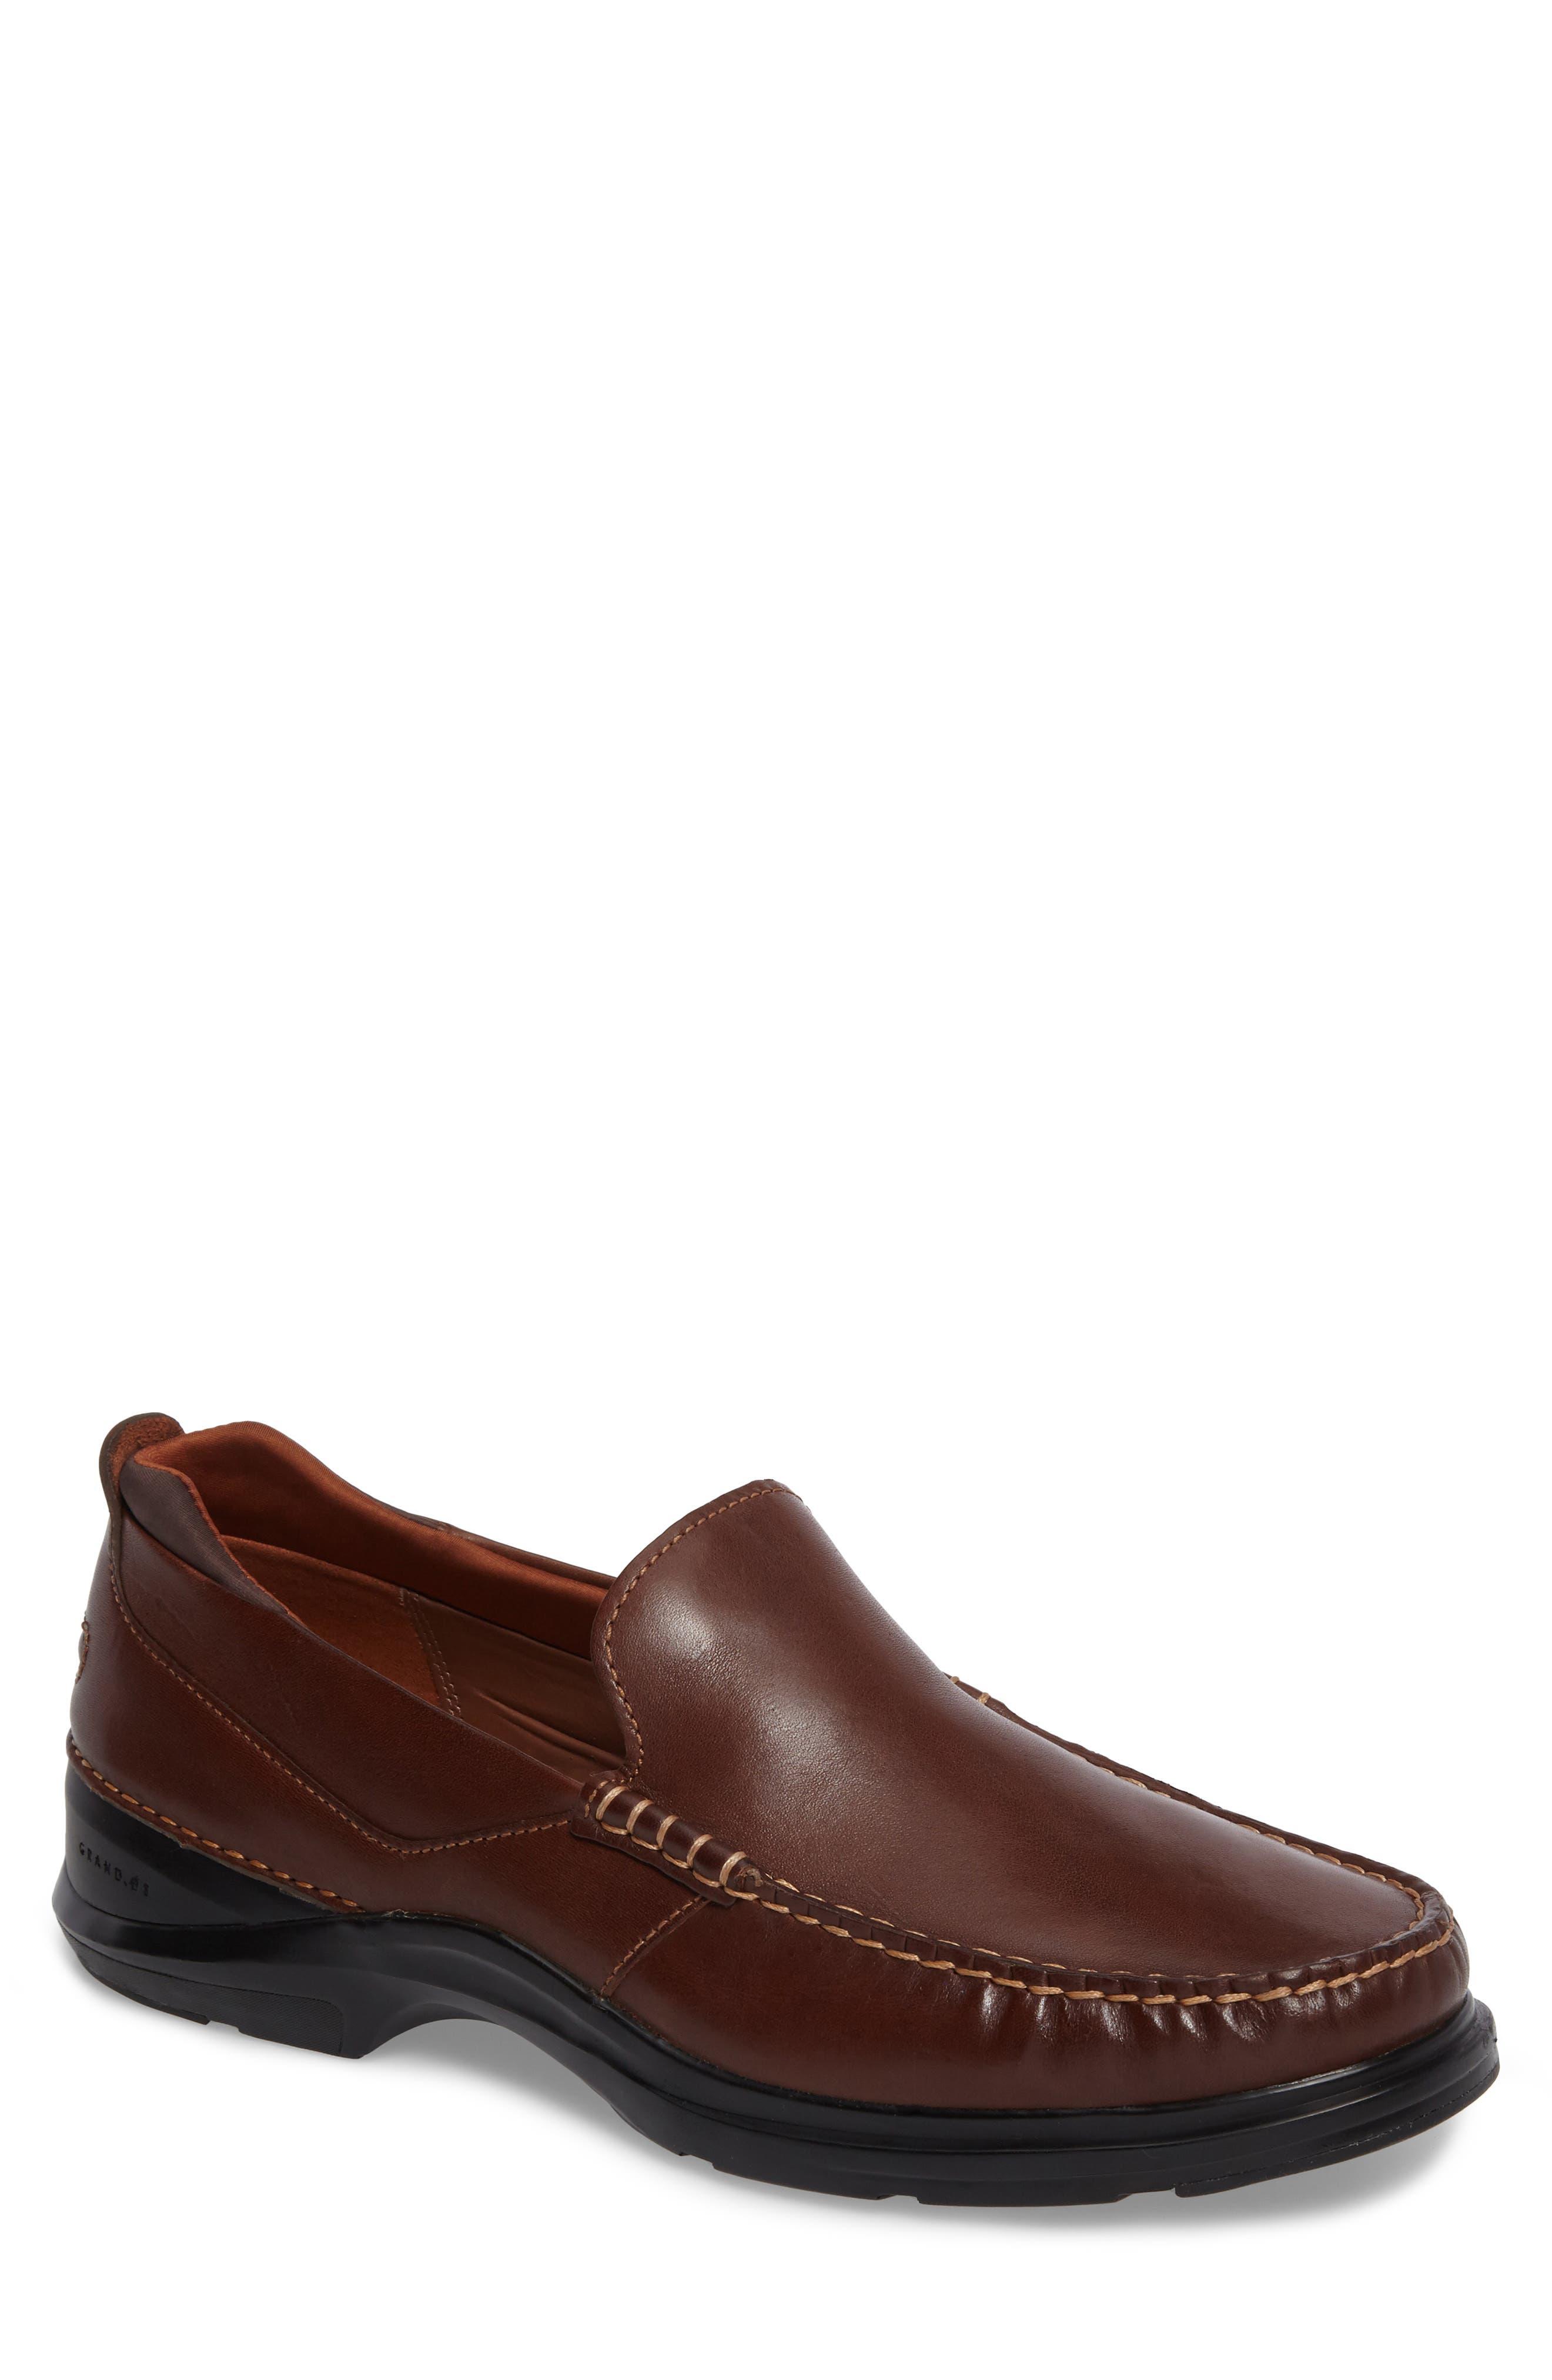 Bancroft Loafer,                         Main,                         color, 200